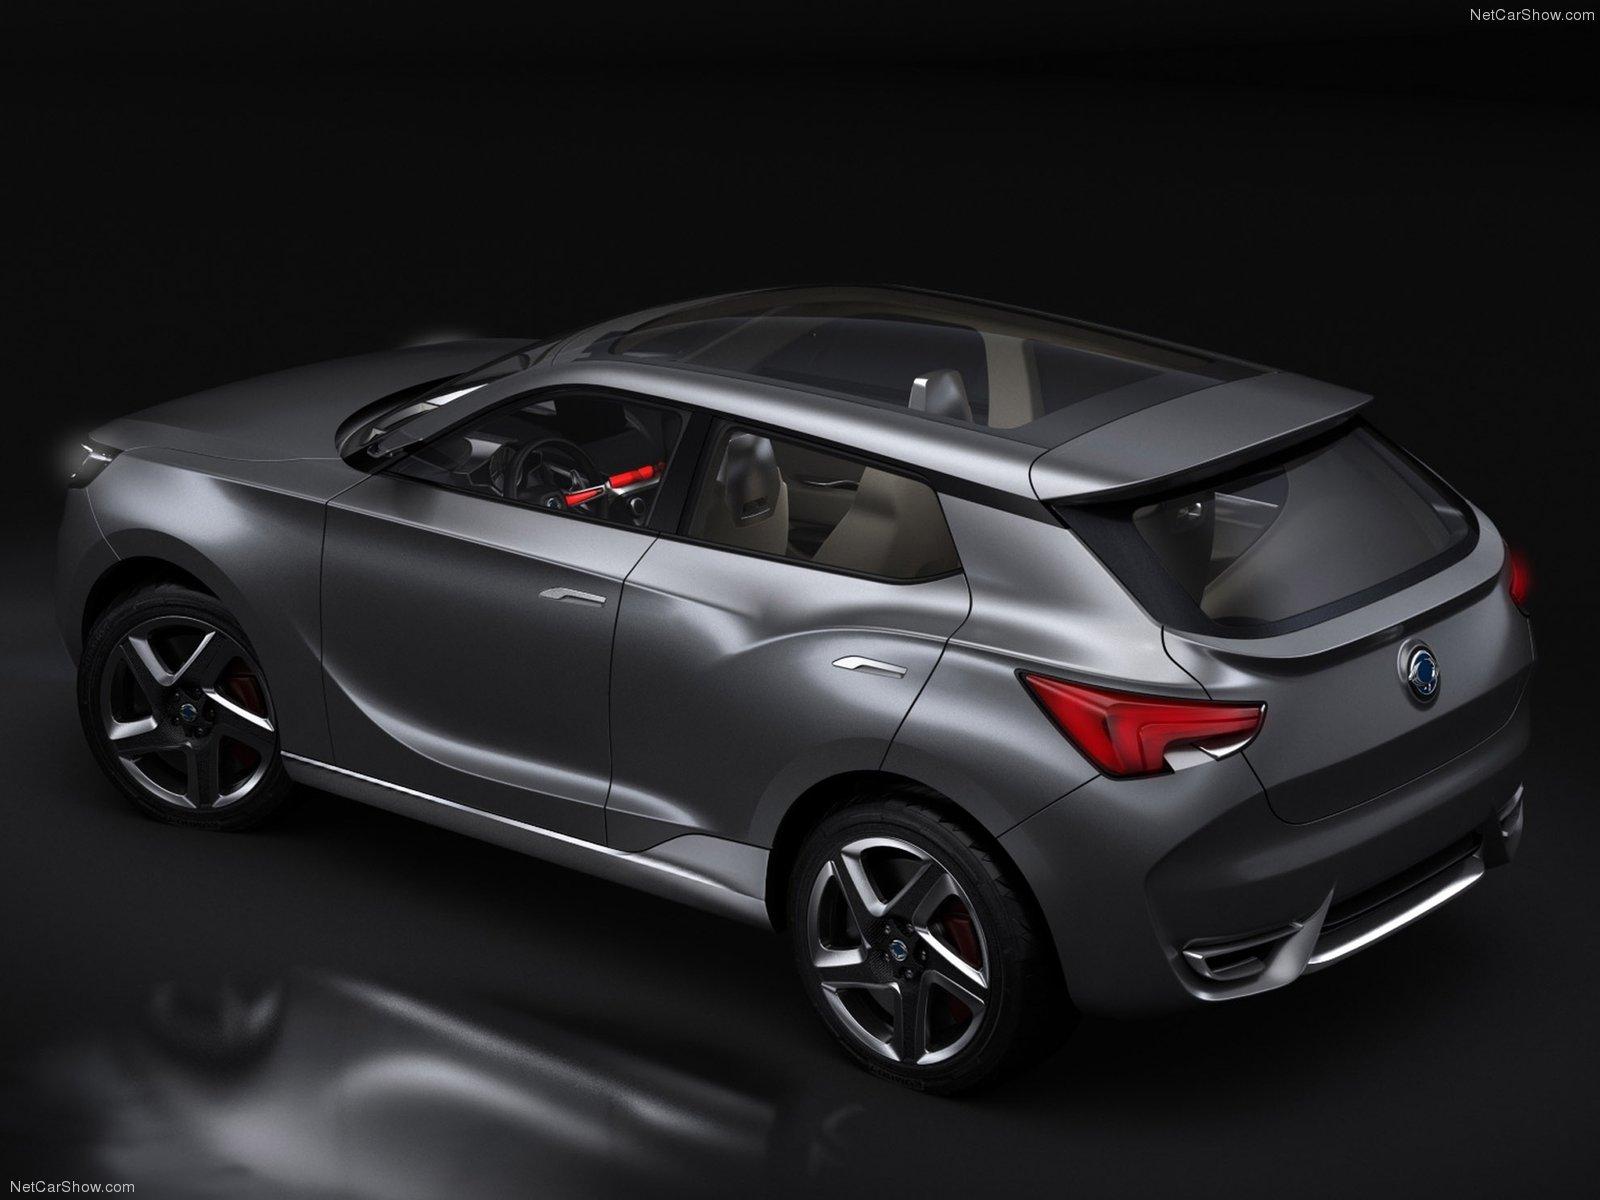 Hình ảnh xe ô tô SsangYong LIV-1 Concept 2013 & nội ngoại thất